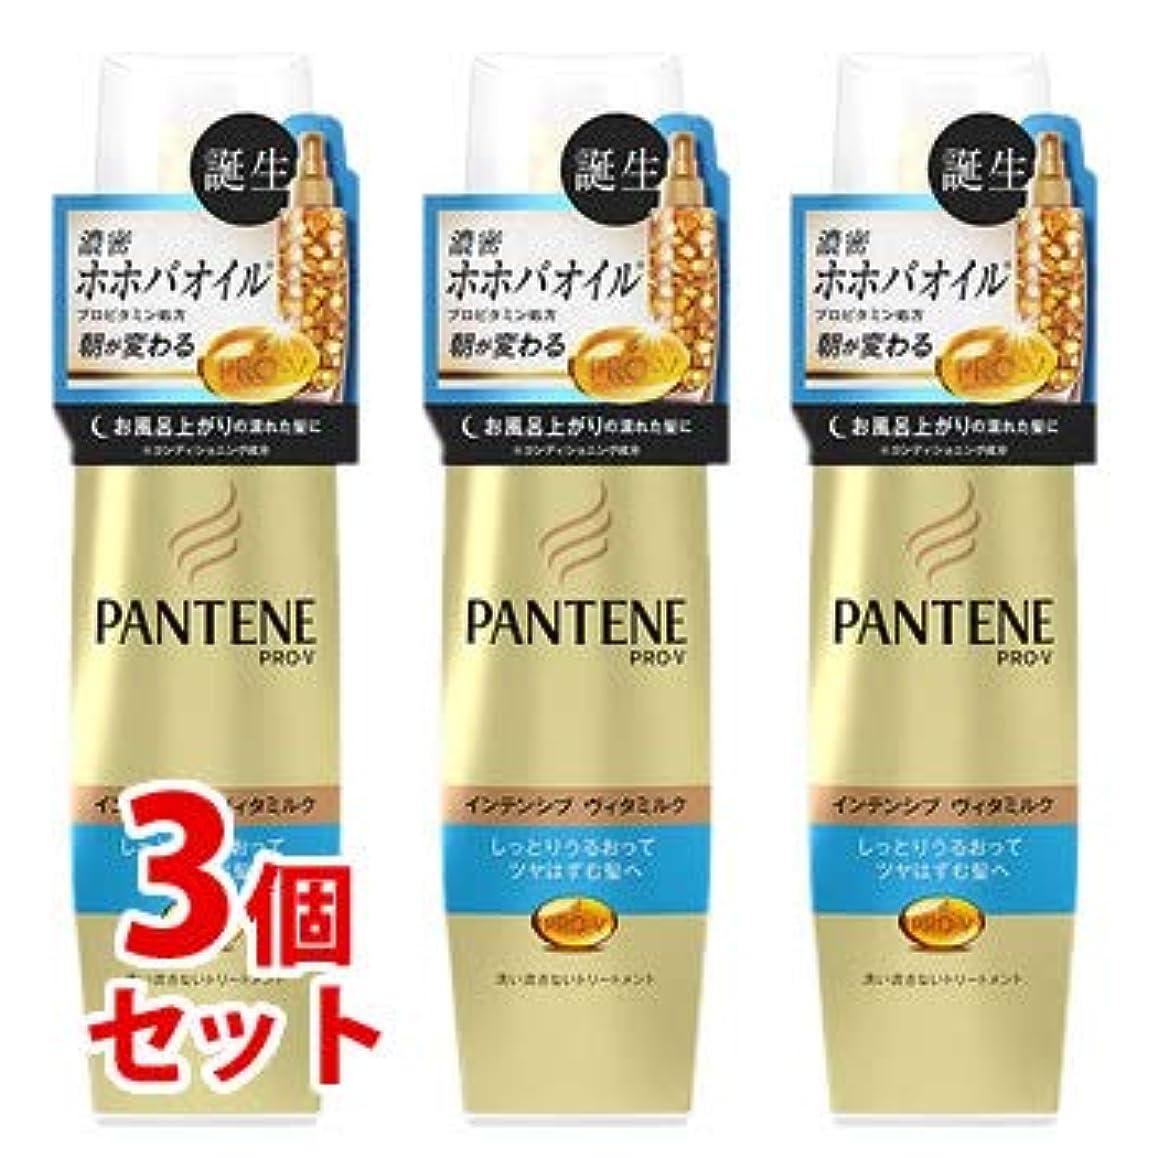 シンプトン独創的偏見《セット販売》 P&G パンテーン モイストスムースケア インテンシブヴィタミルク パサついてまとまらない髪用 (100mL)×3個セット 洗い流さないトリートメント